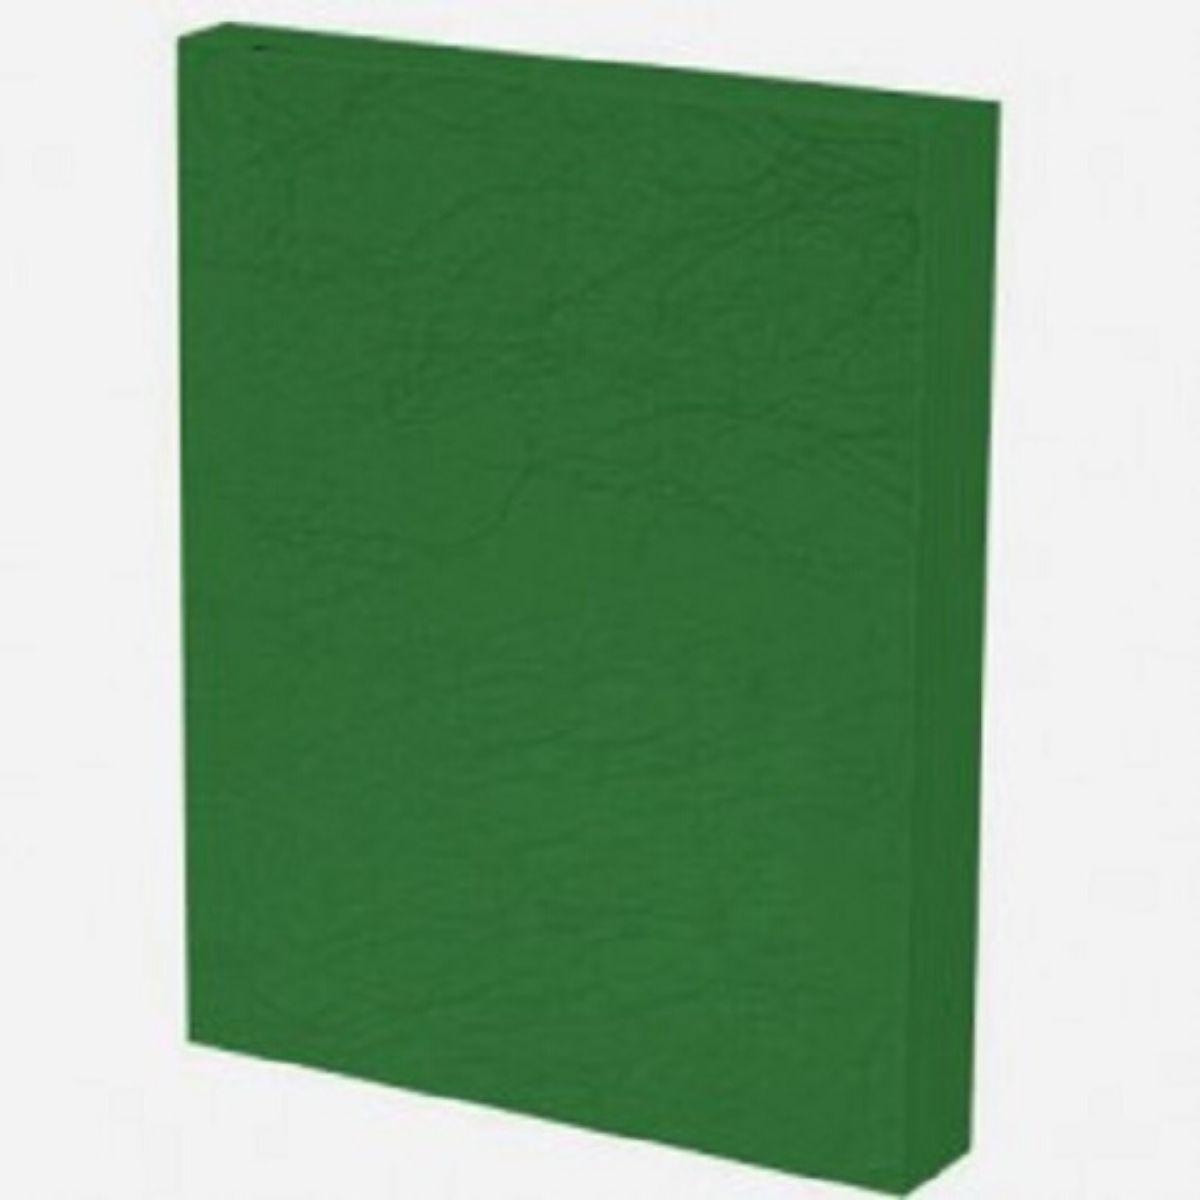 Kit 200 Capas para Encadernação A4 - Cristal Line (Frente) e Verde Couro (Fundo)  - Click Suprimentos